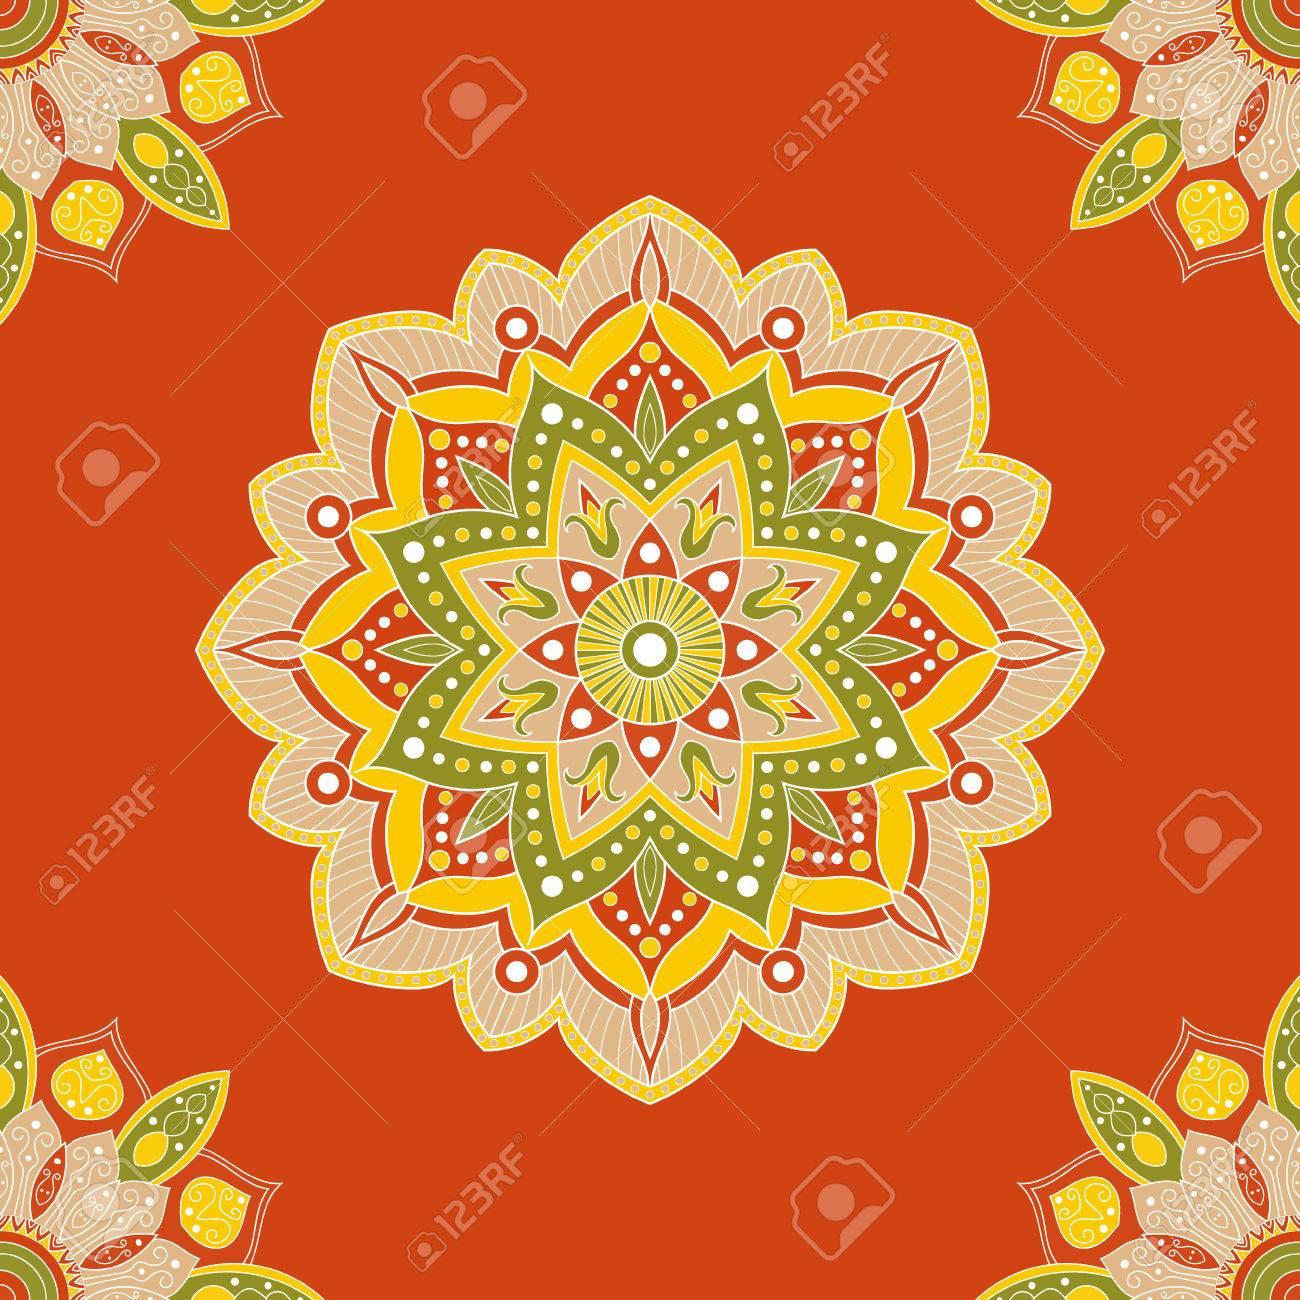 nahtlose mandala muster fr geschenkpapier stoff oder tapete hand orientalische ornament mandala dekoration - Tapete Orientalisches Muster